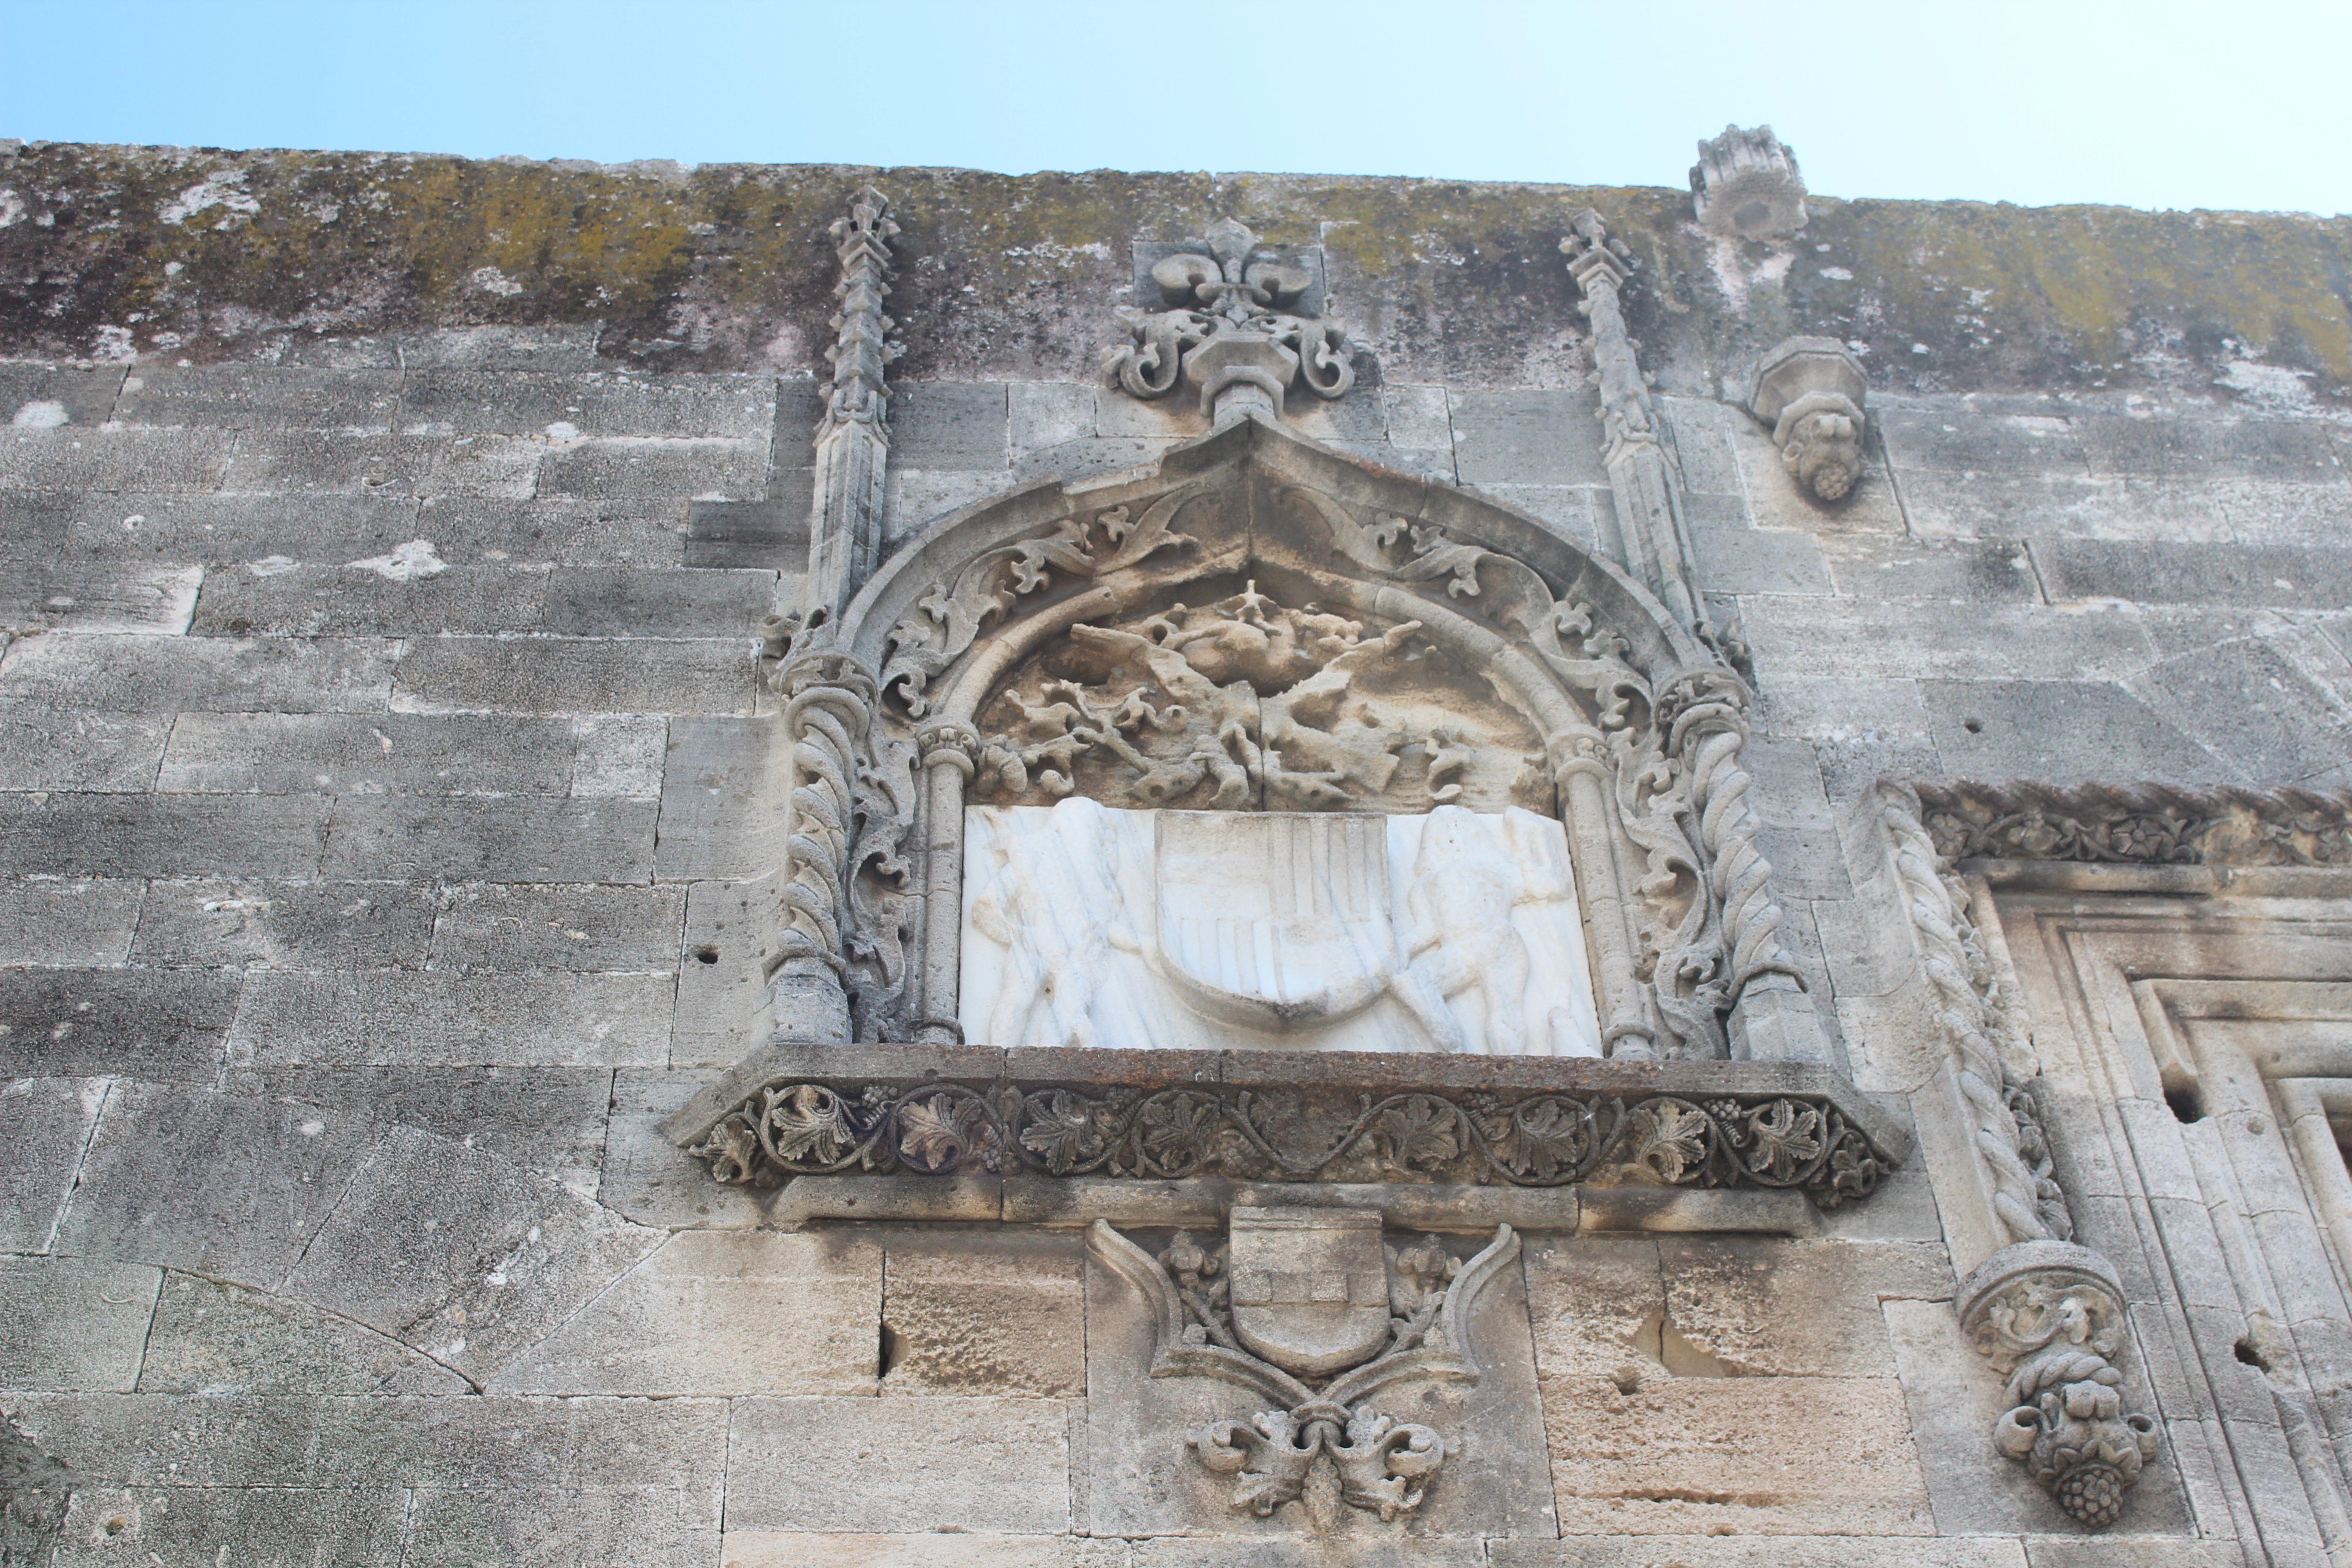 Castellania - Coat of Arms